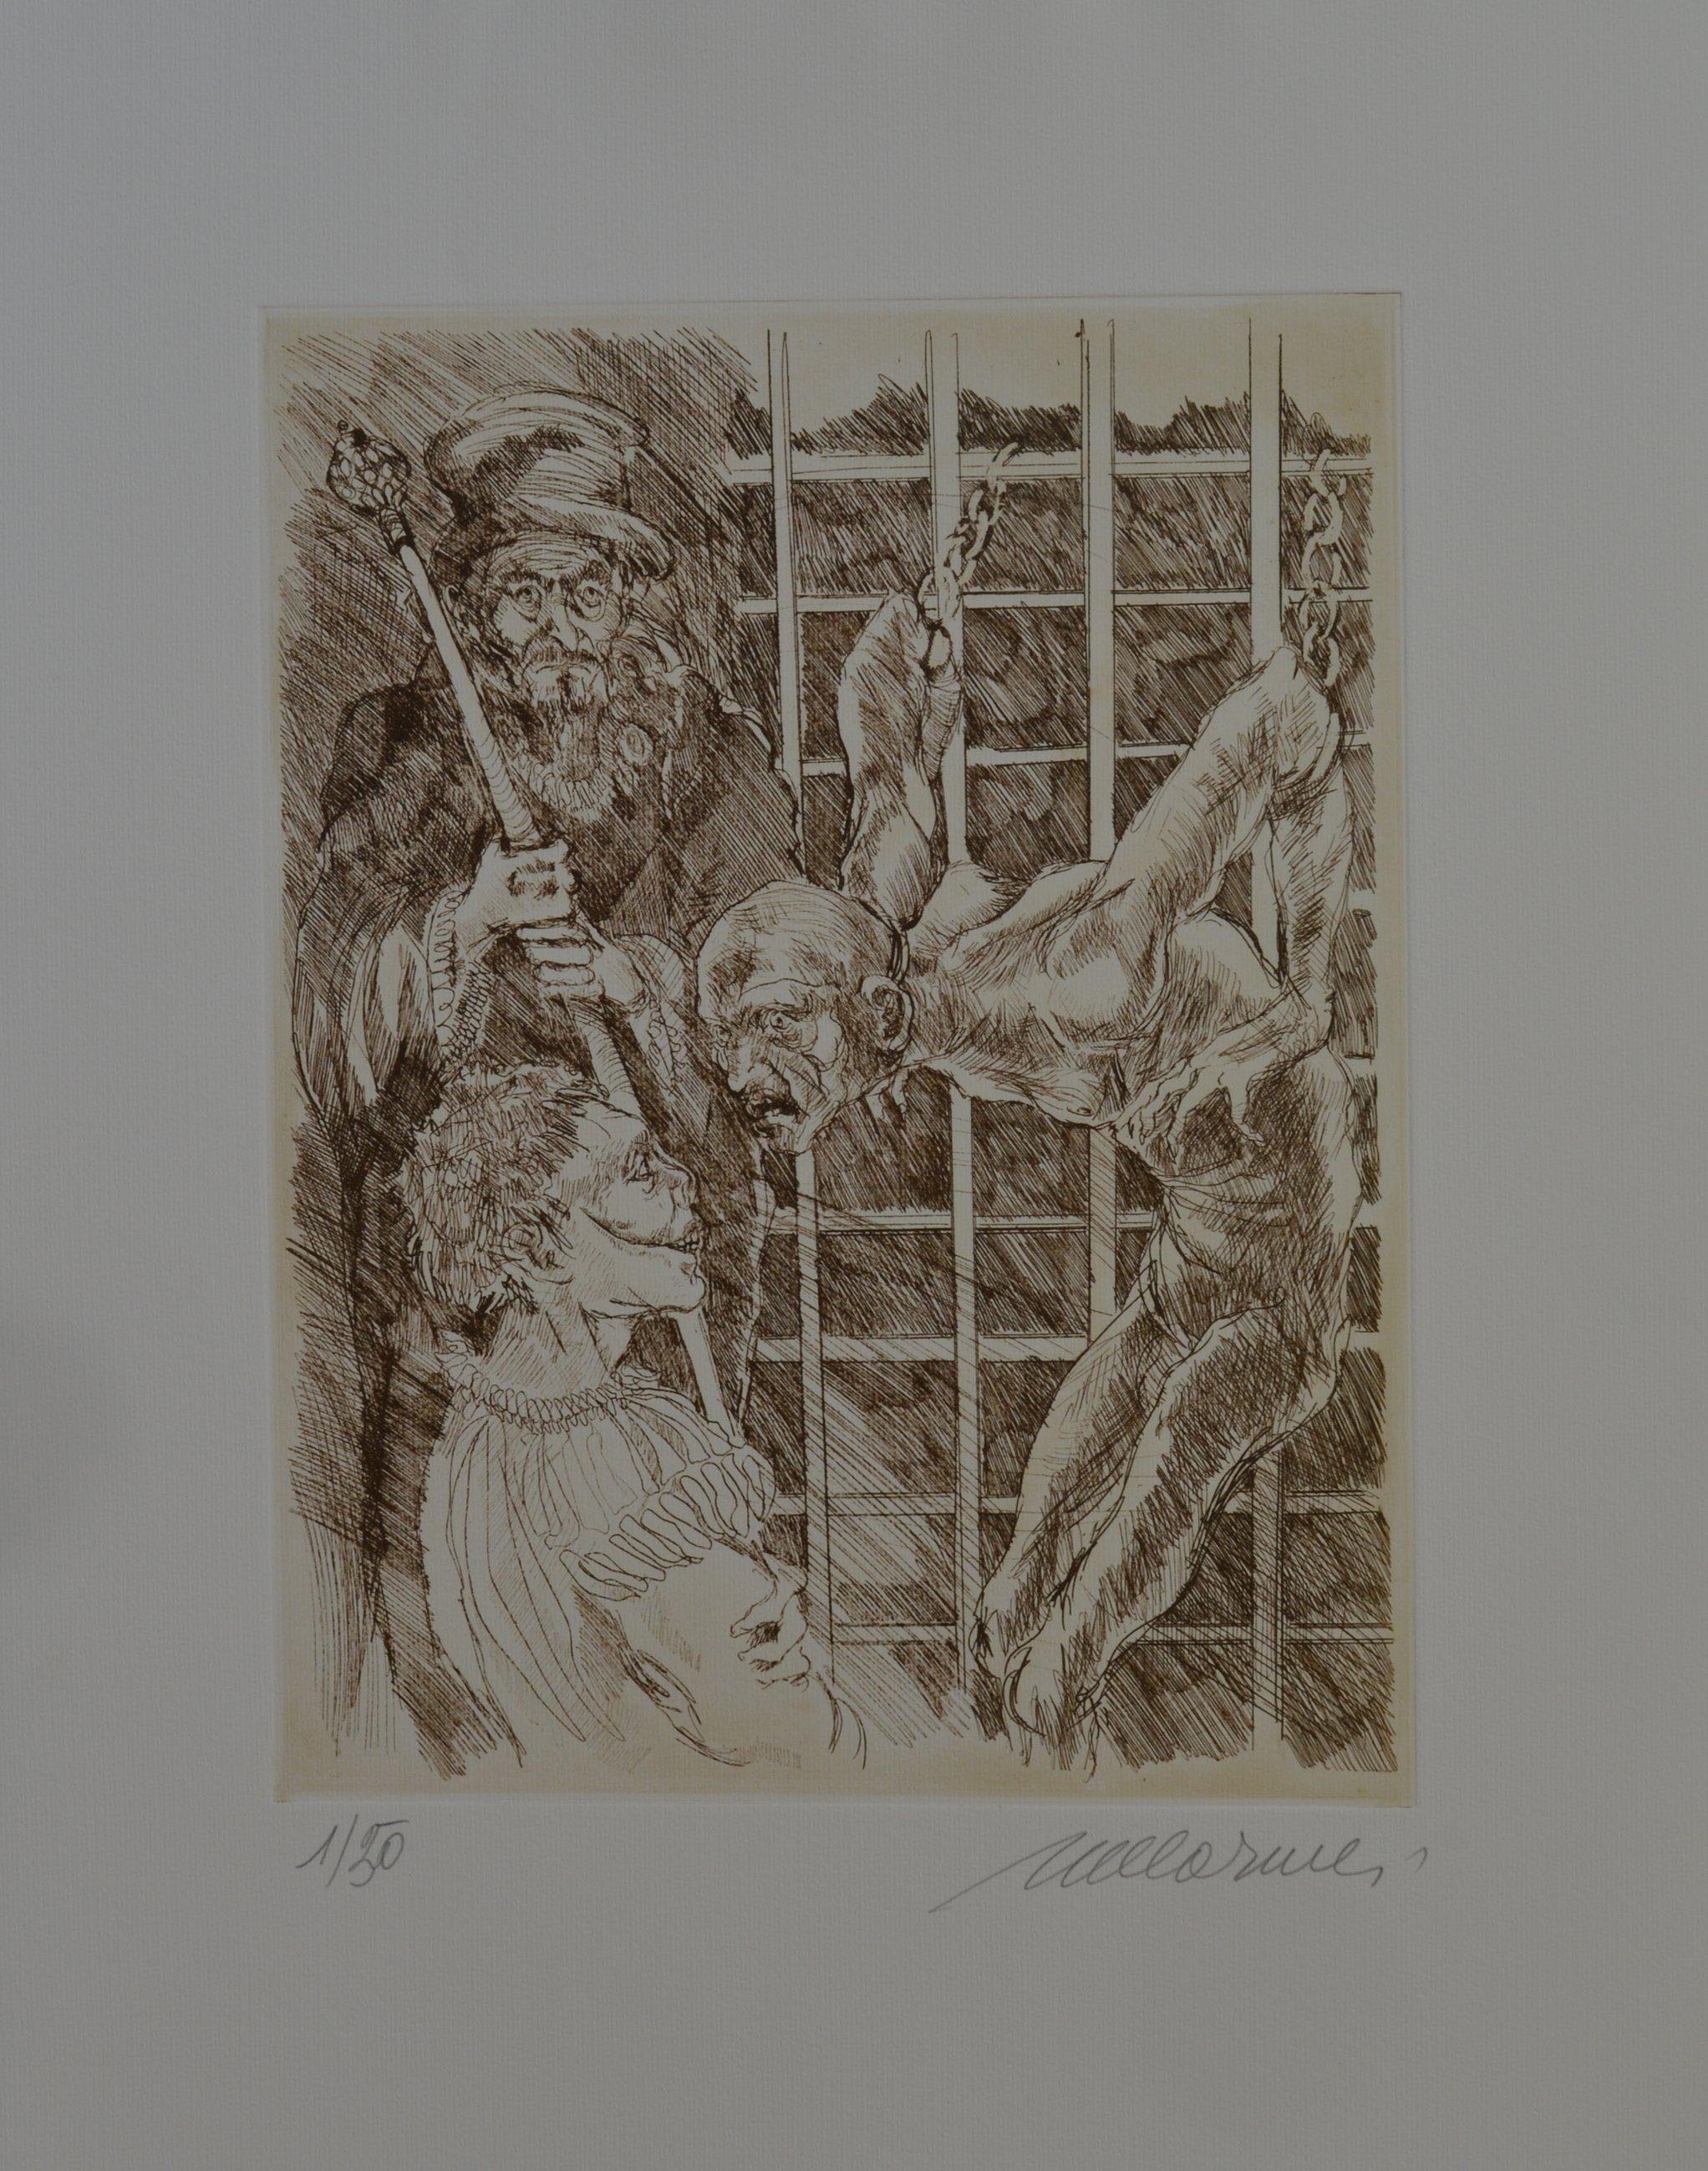 un quadro raffigurante i fondali del mare e una donna nuda che nuota sul dorso di un pesce Marlin